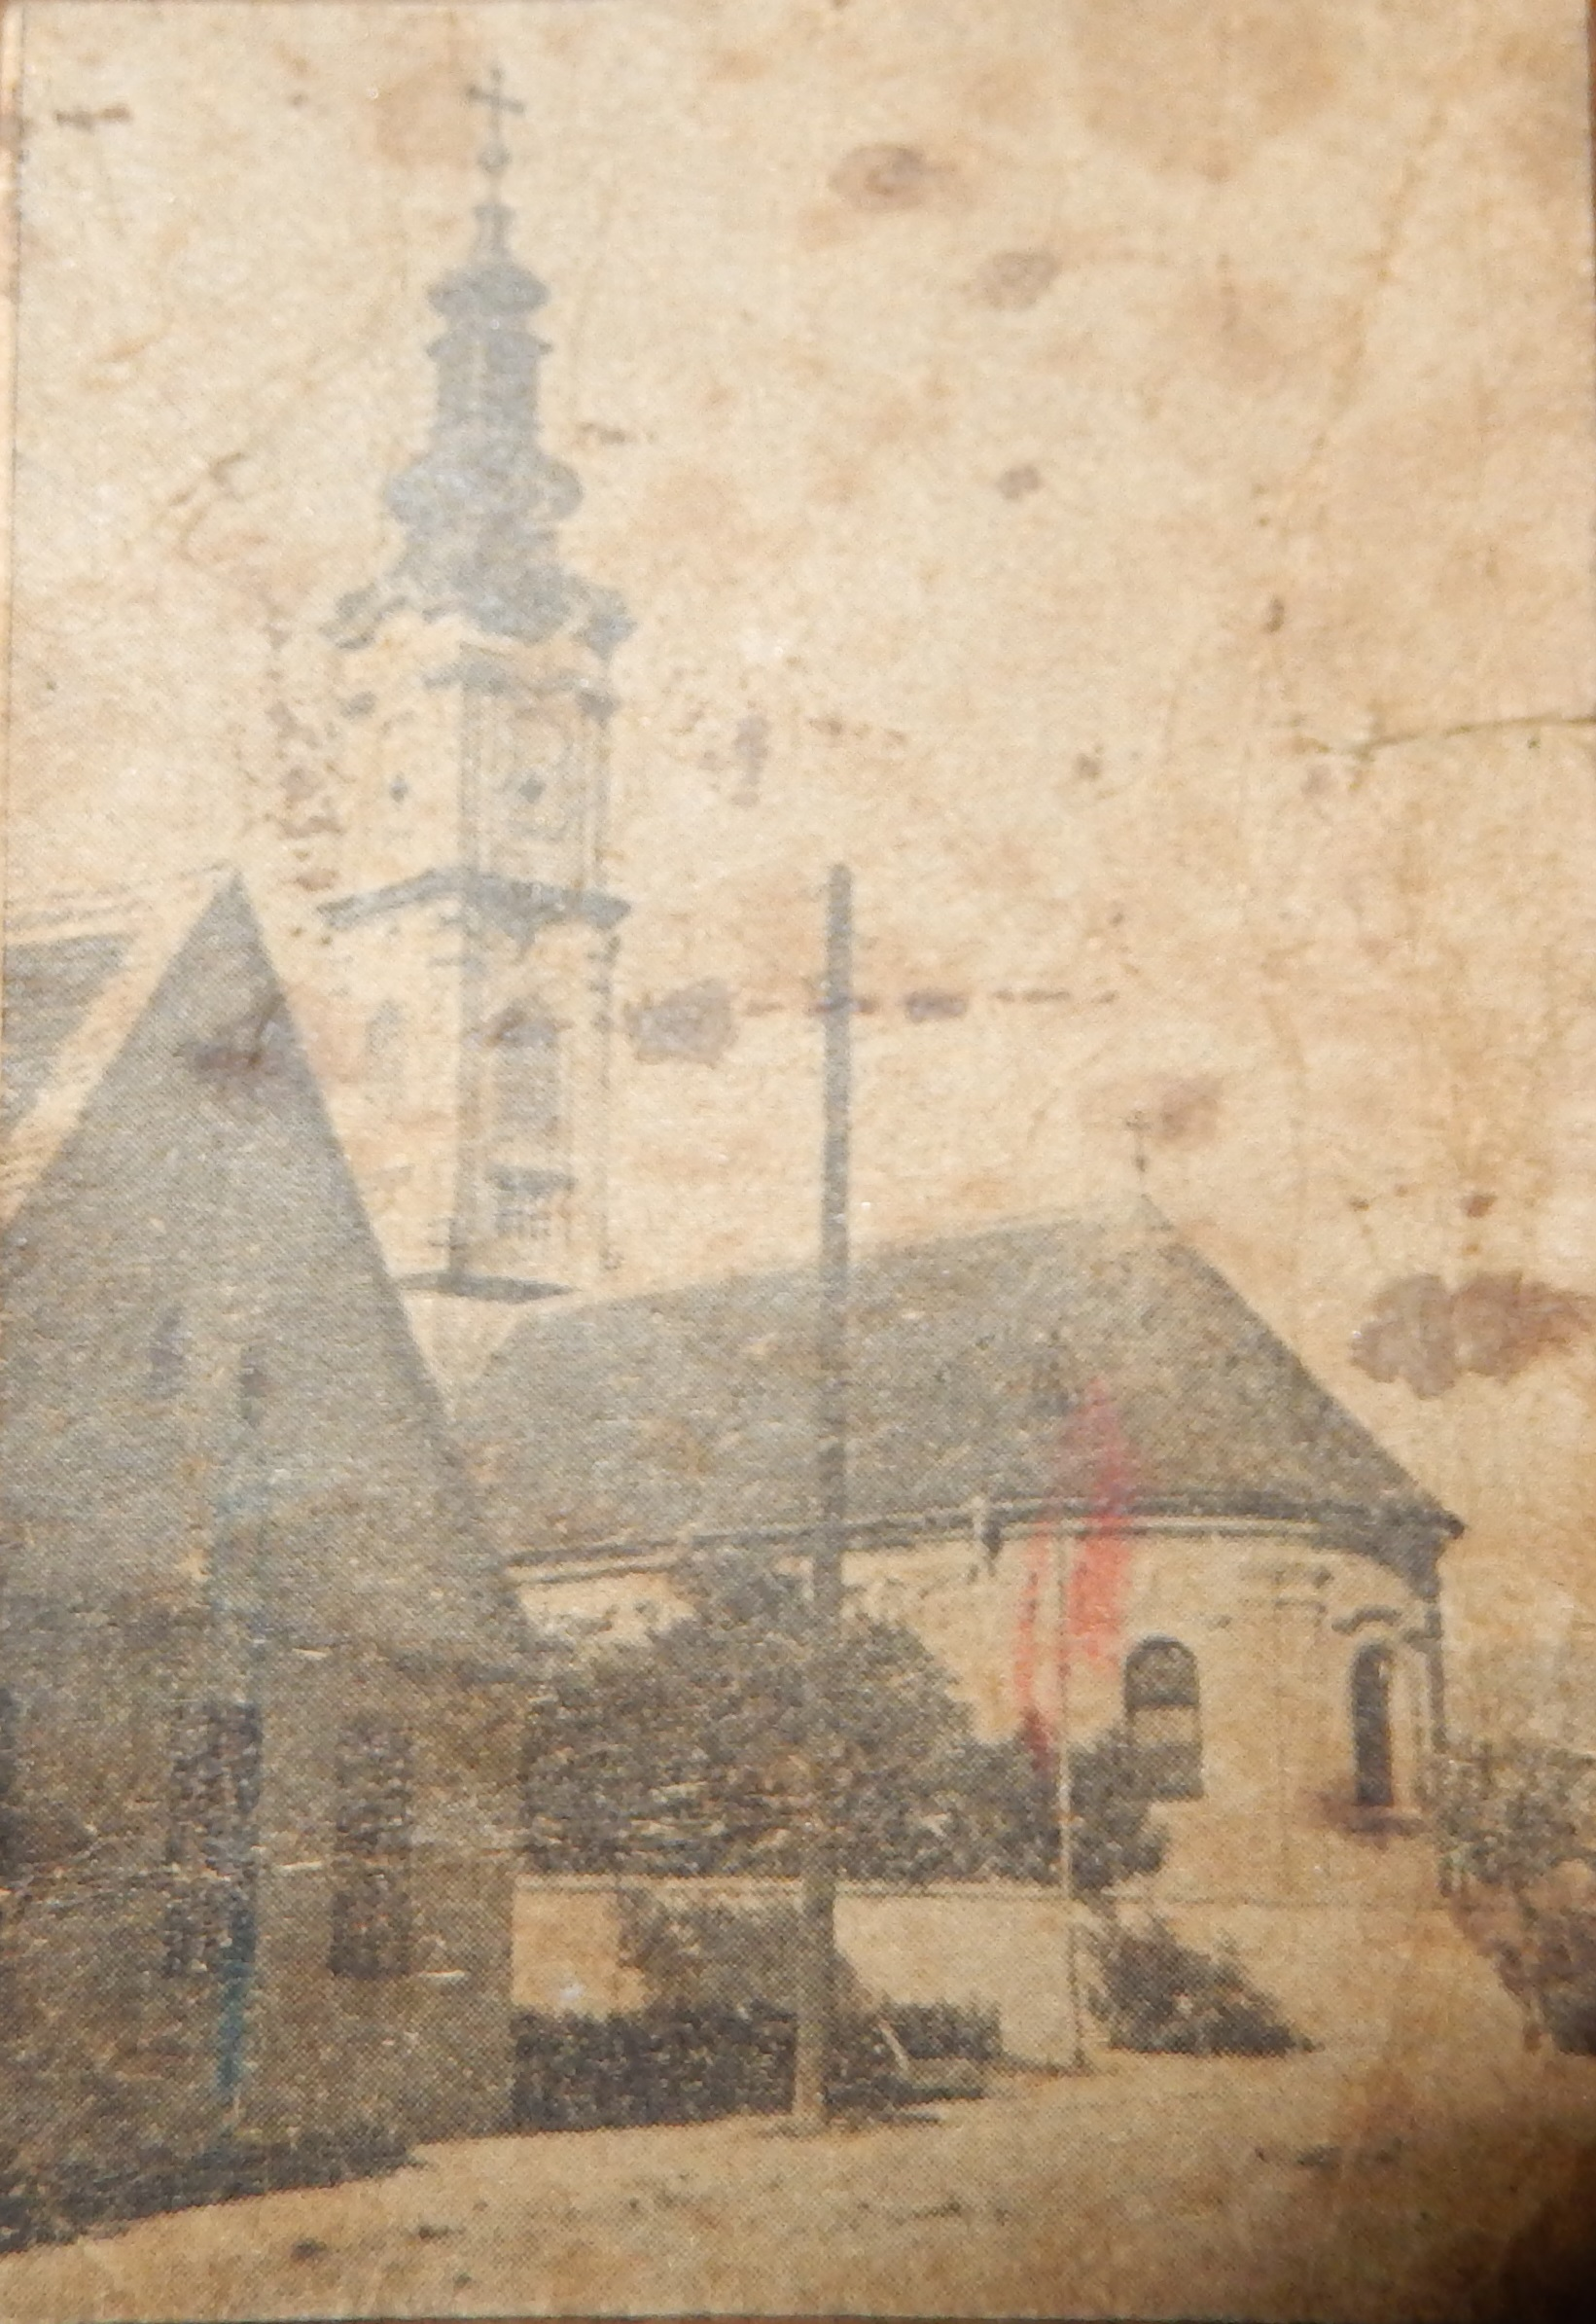 Ilyen volt a régi házuk a Szerb templom mellett, mára csak a falai maradtak meg kerítésnek a sarok felé.